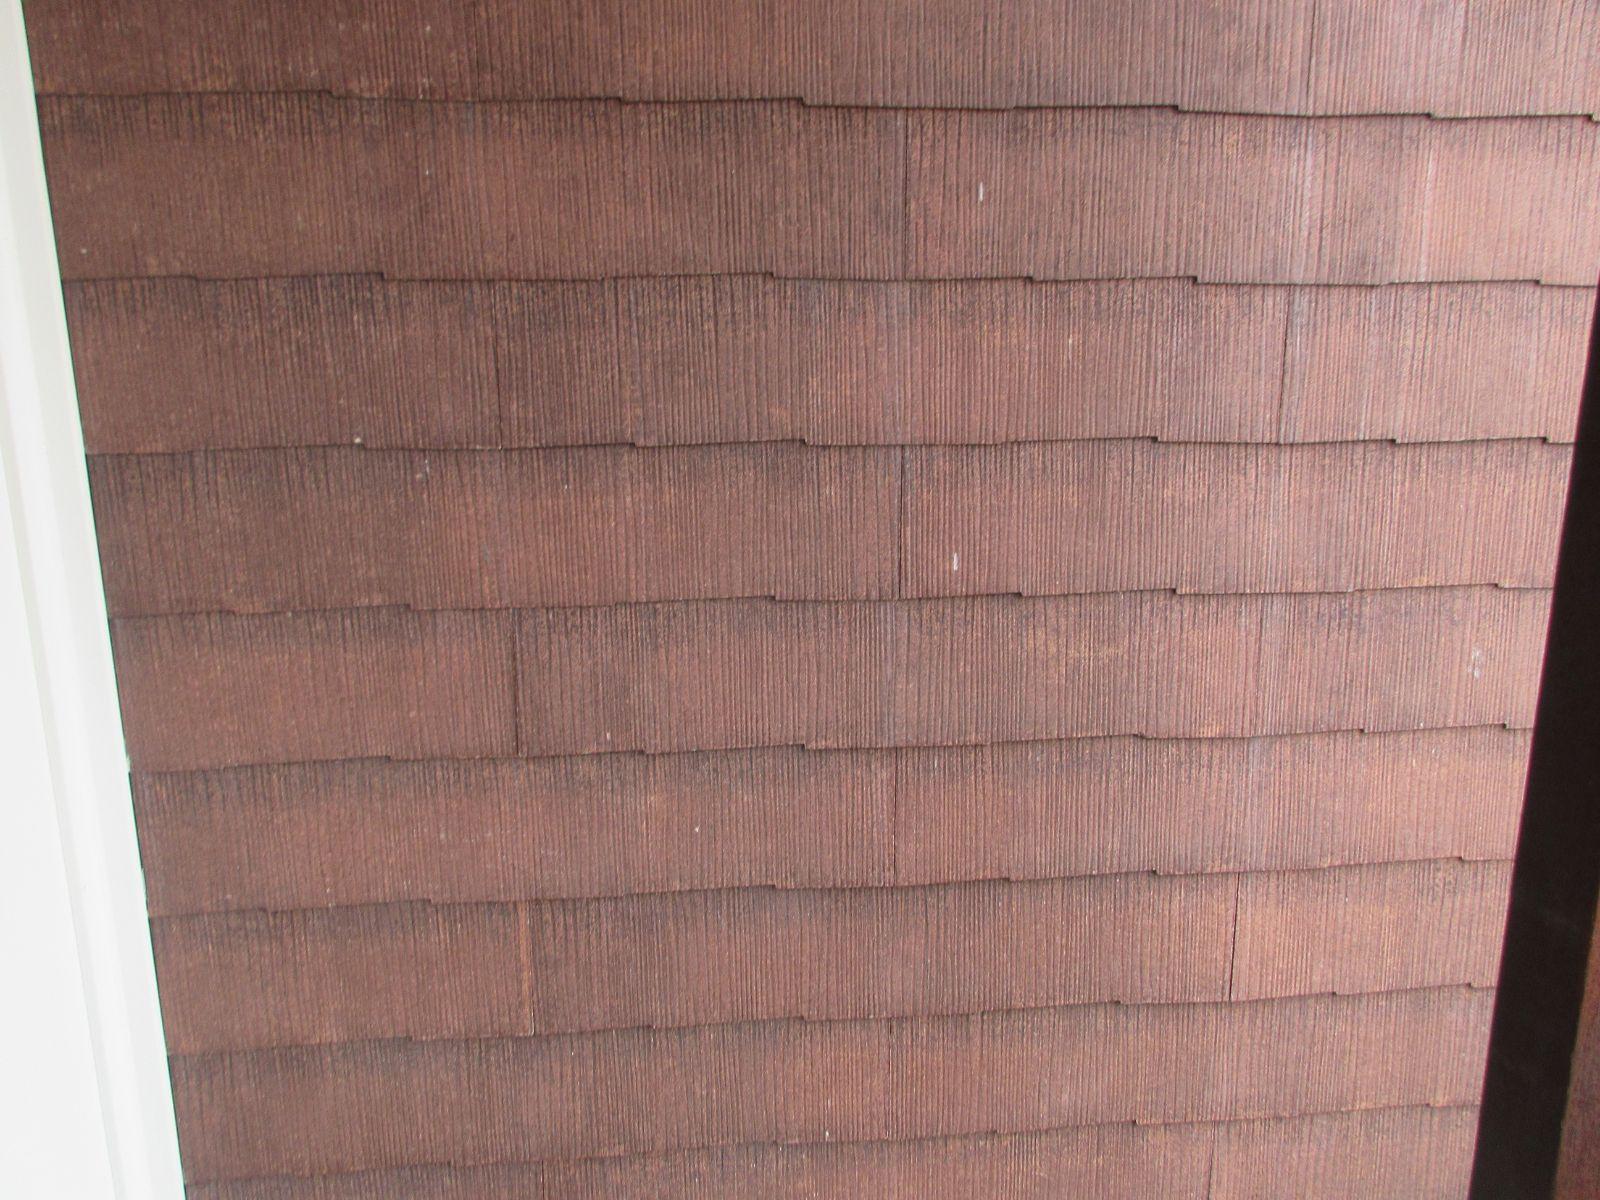 【和歌山市】T様邸 外壁・屋根塗装工事<br>『モダンに大変身♫新築のような美しさ✦』9